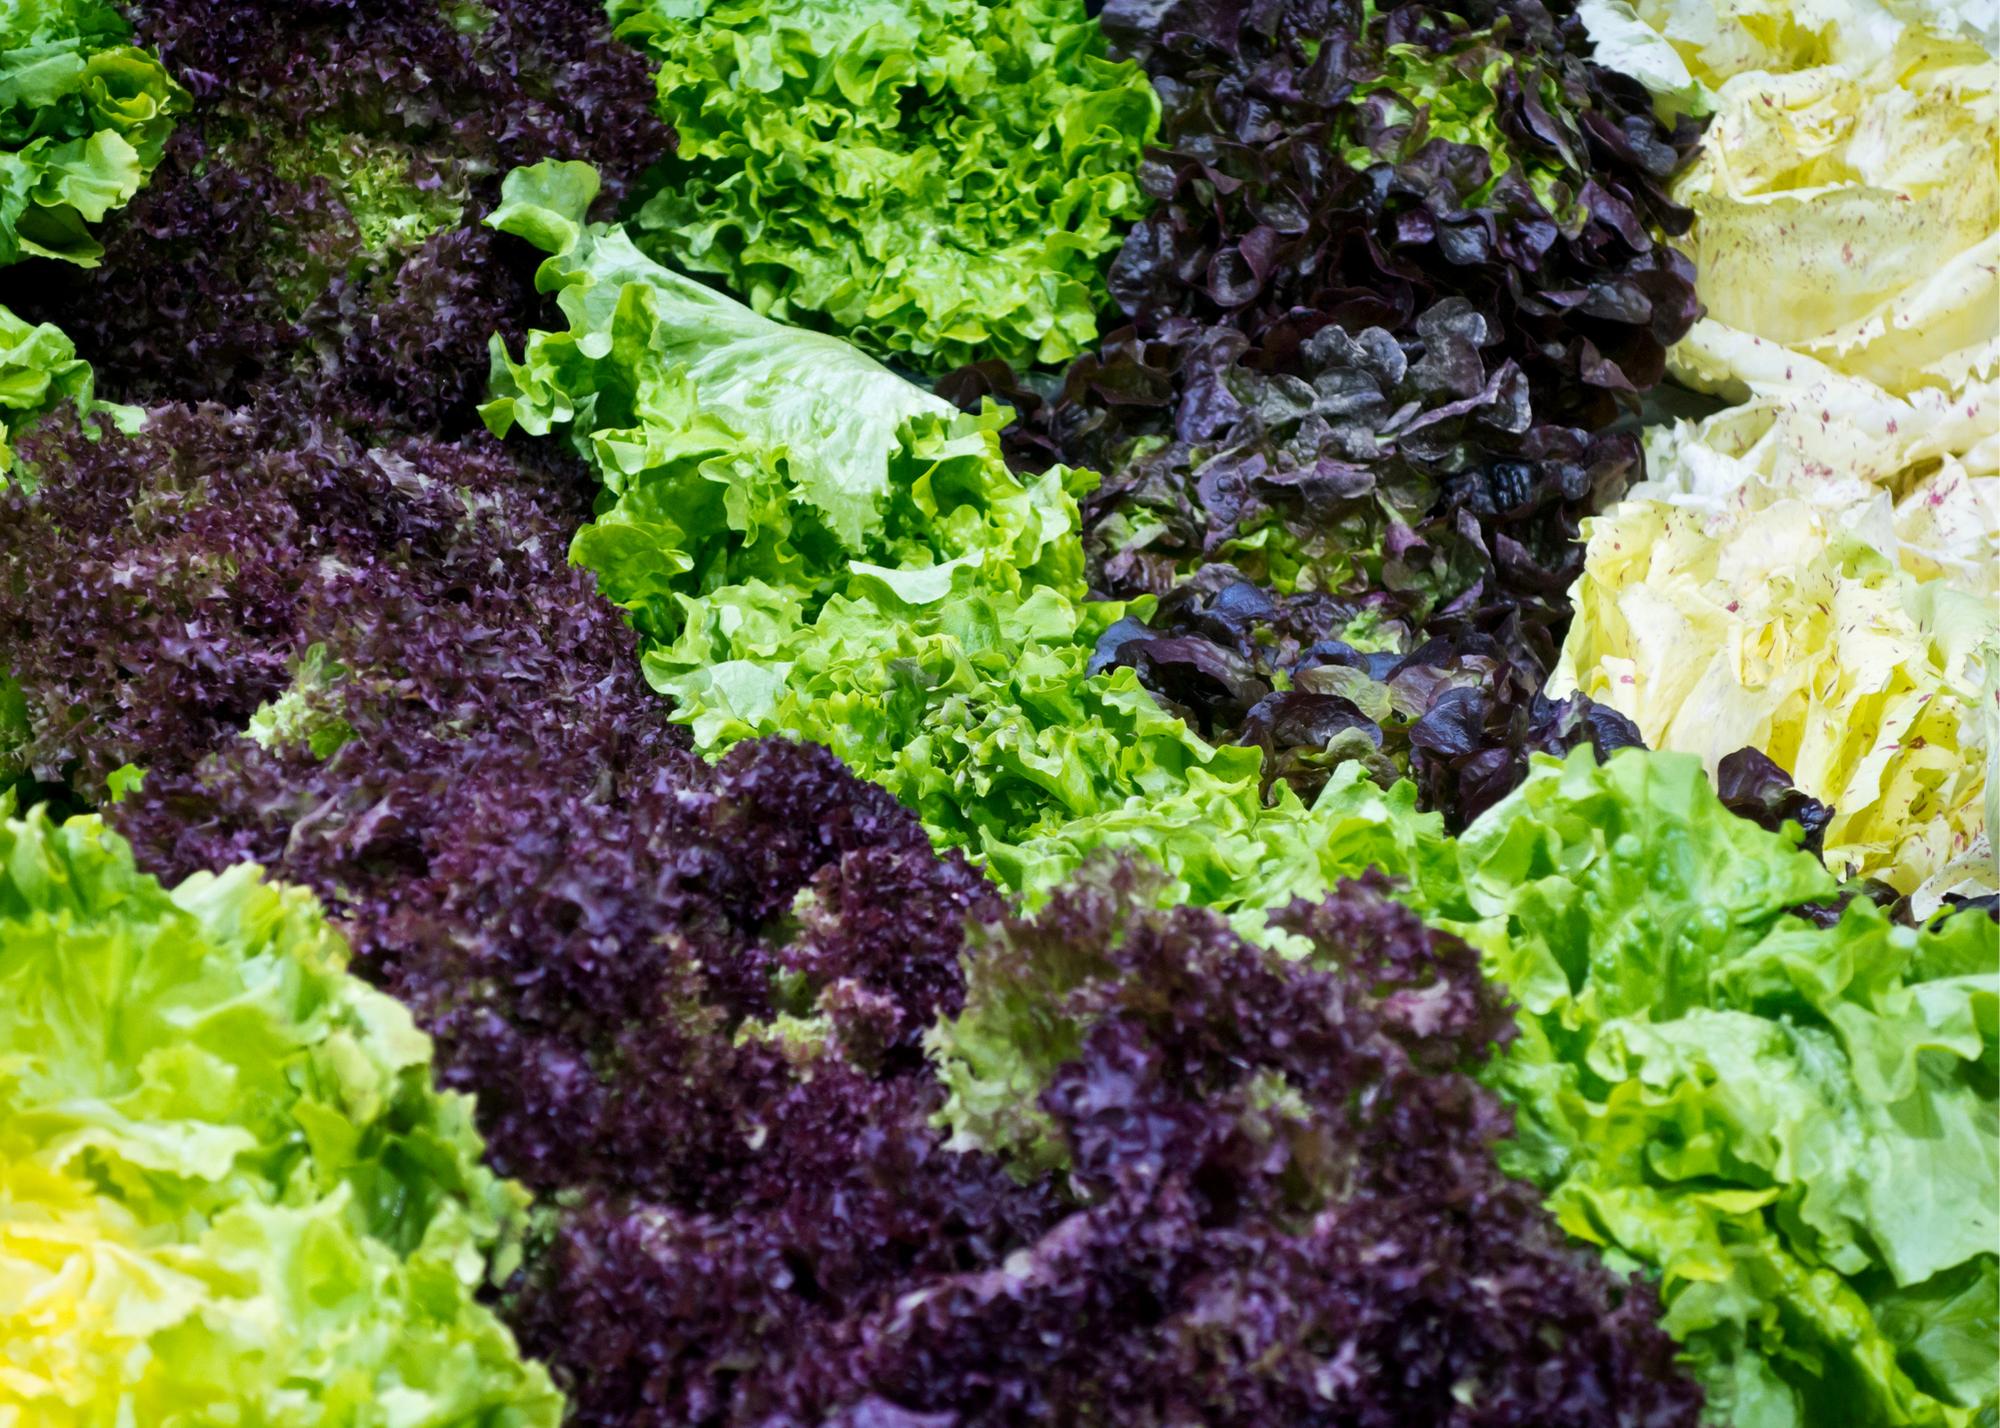 artisan lettuce, purple lettuce, green leaf lettuce, romaine